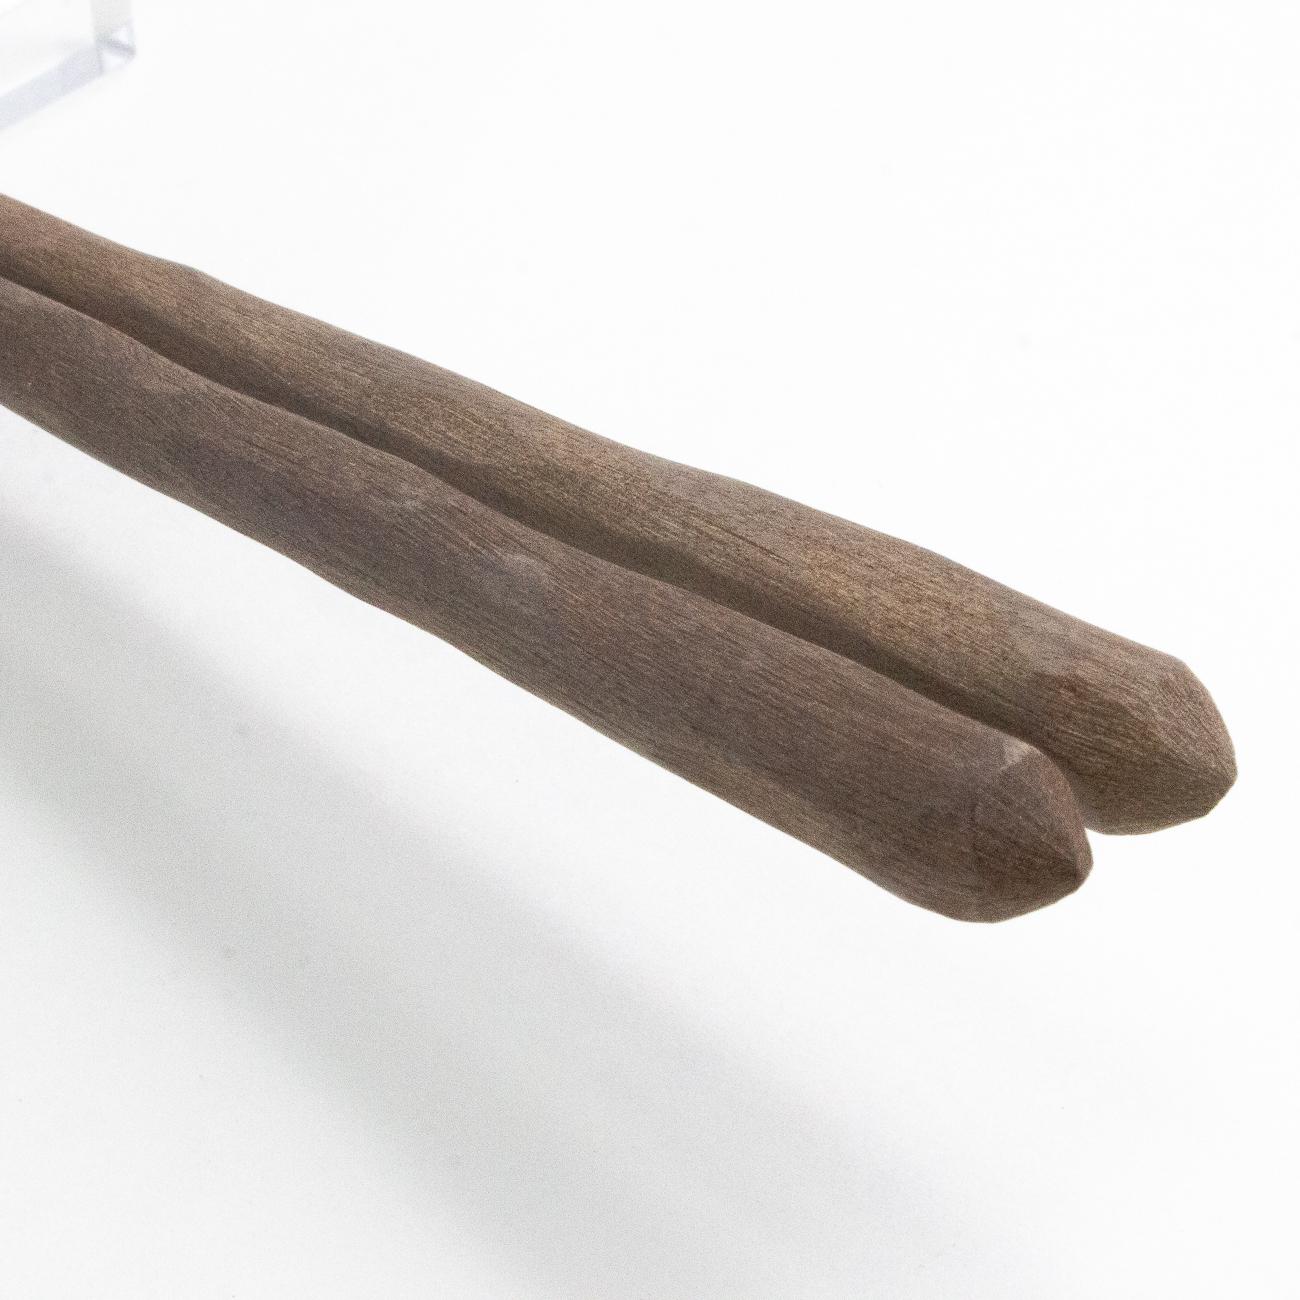 ろう磨きけずり黒檀 大 23.5cm